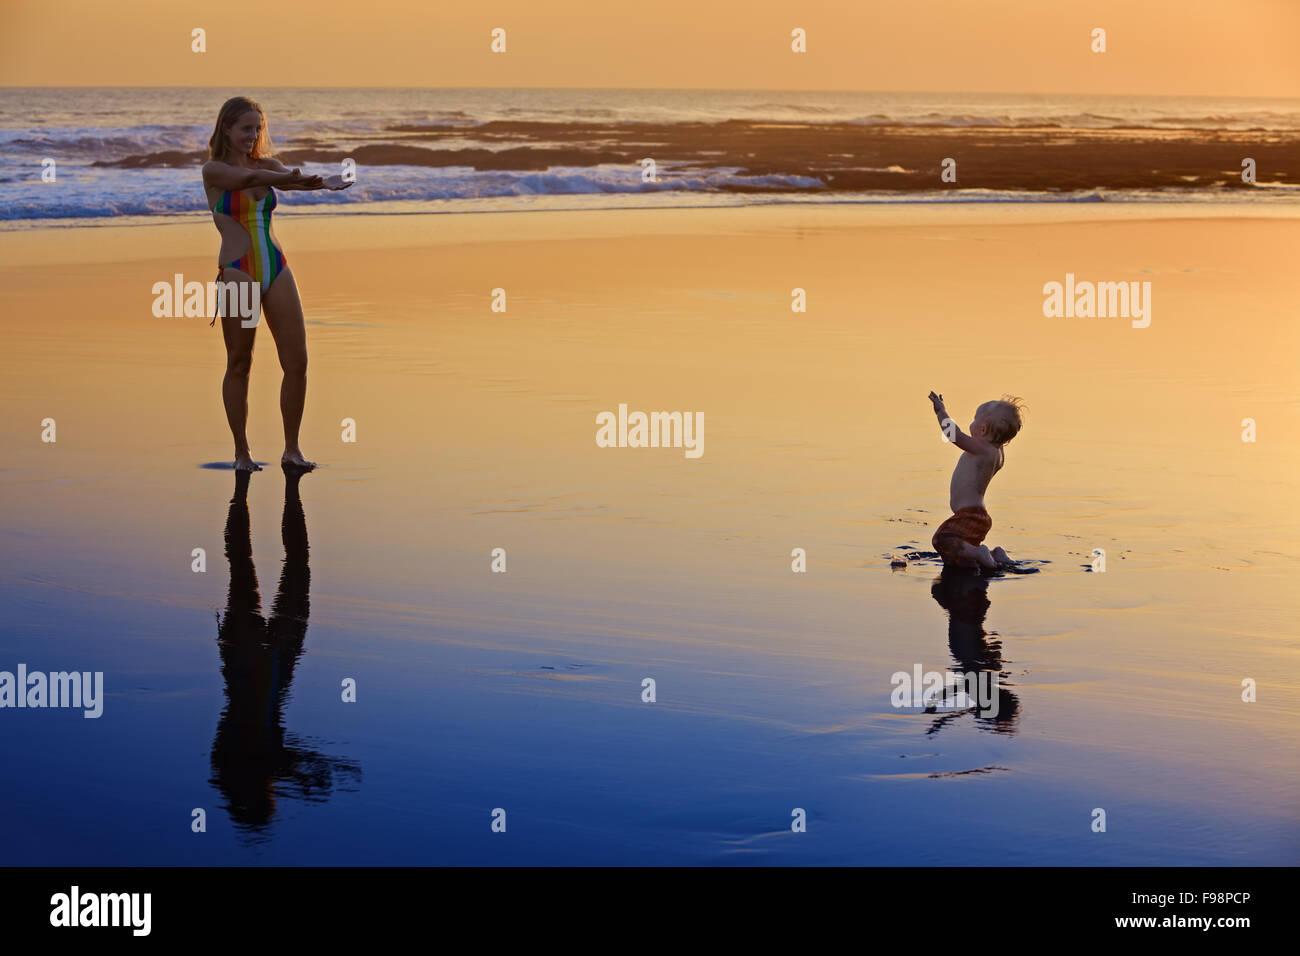 Silhouette mit schwarzen Schatten der Mutter mit Baby auf nassen Goldsand Sonnenuntergang Meer Surfen laufen zum Stockbild